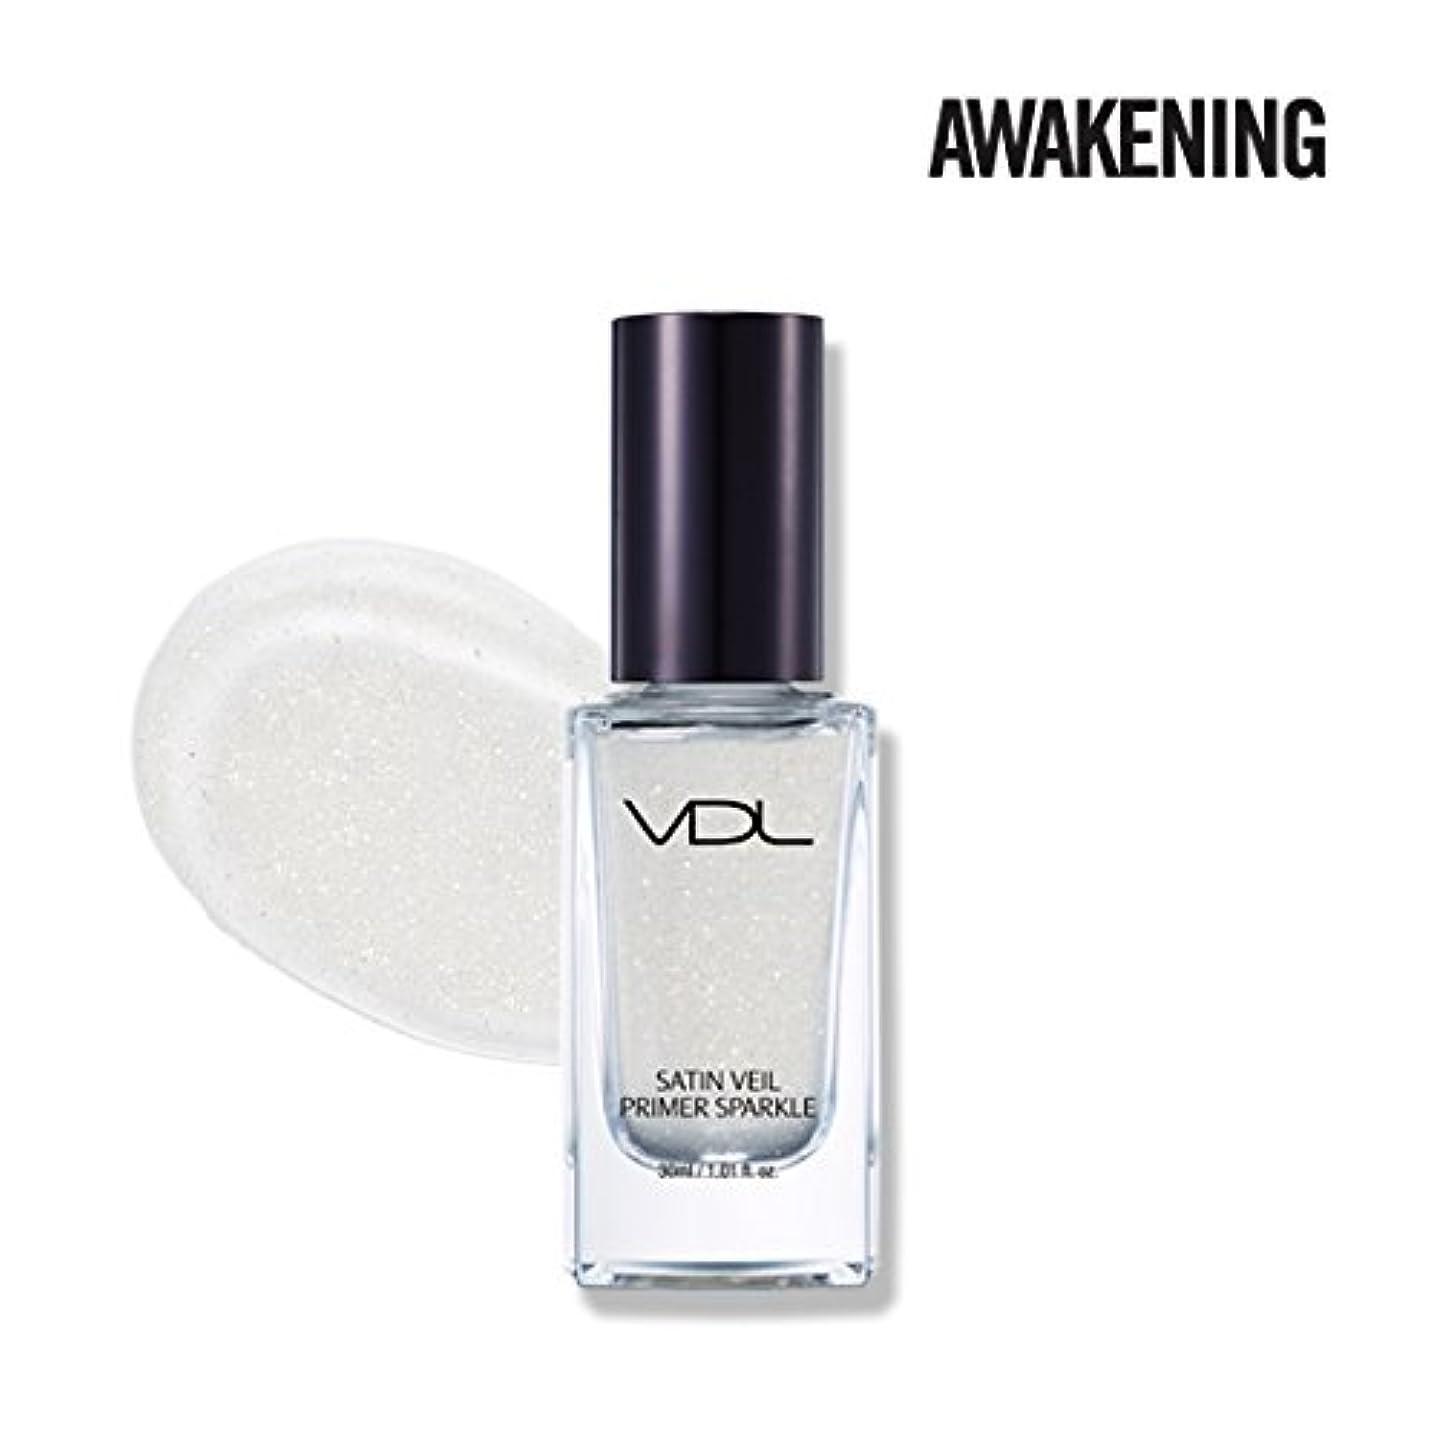 誓い浴ブラインドVDL Satin Veil Primer Sparkle 30ml/ブイディーエル サテン ベール プライマー スパークル 30ml [並行輸入品]